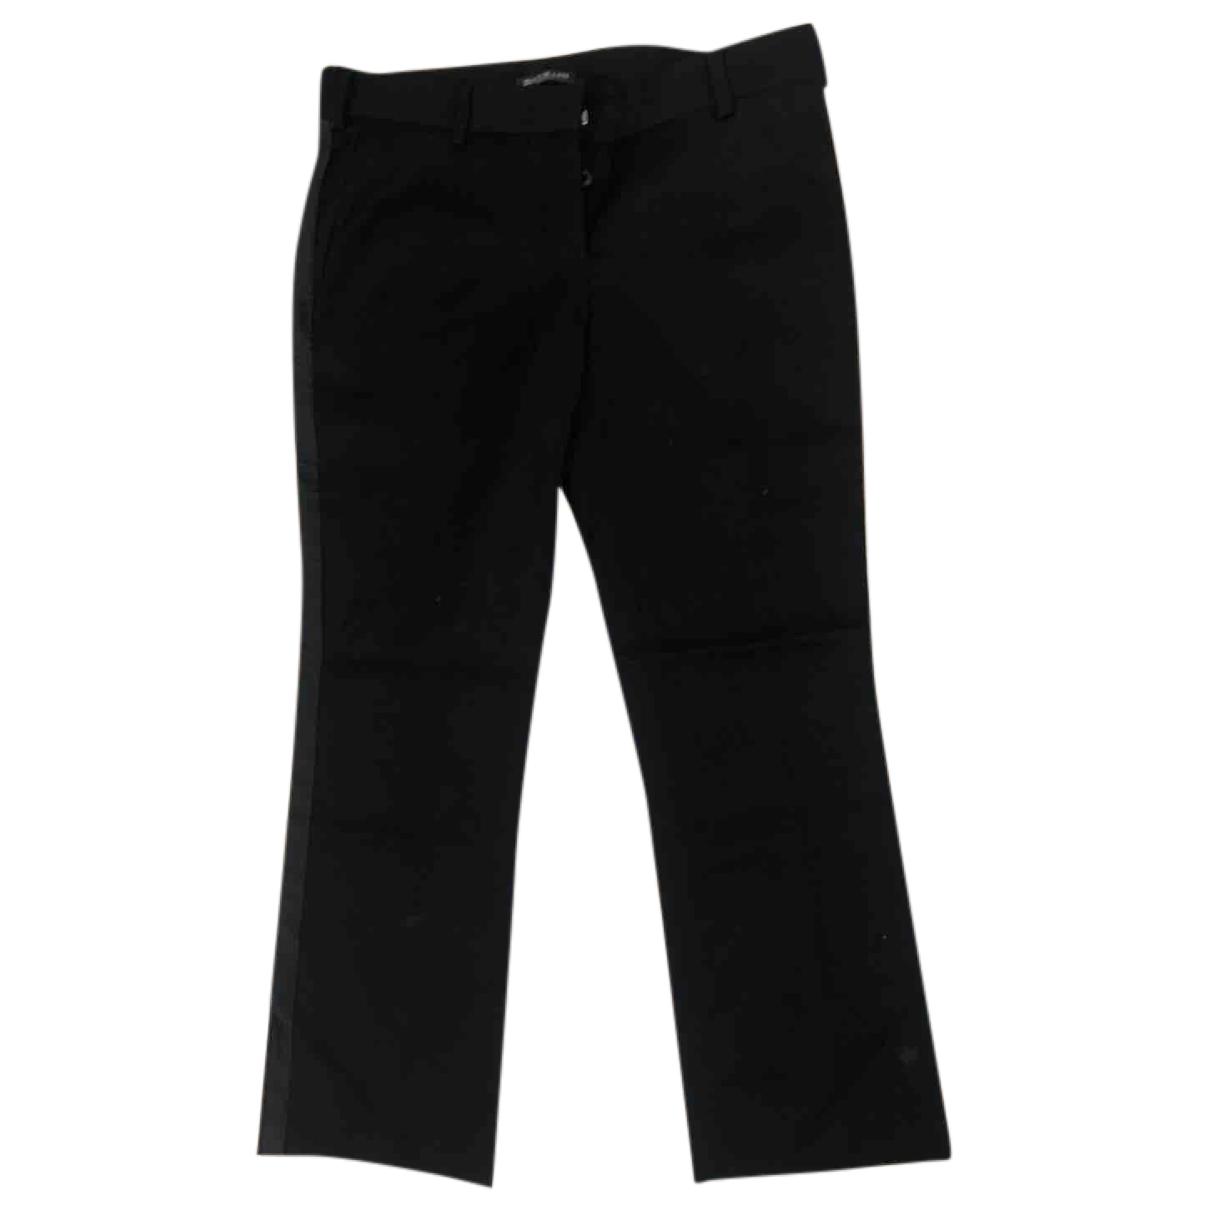 Pantalon recto Balmain